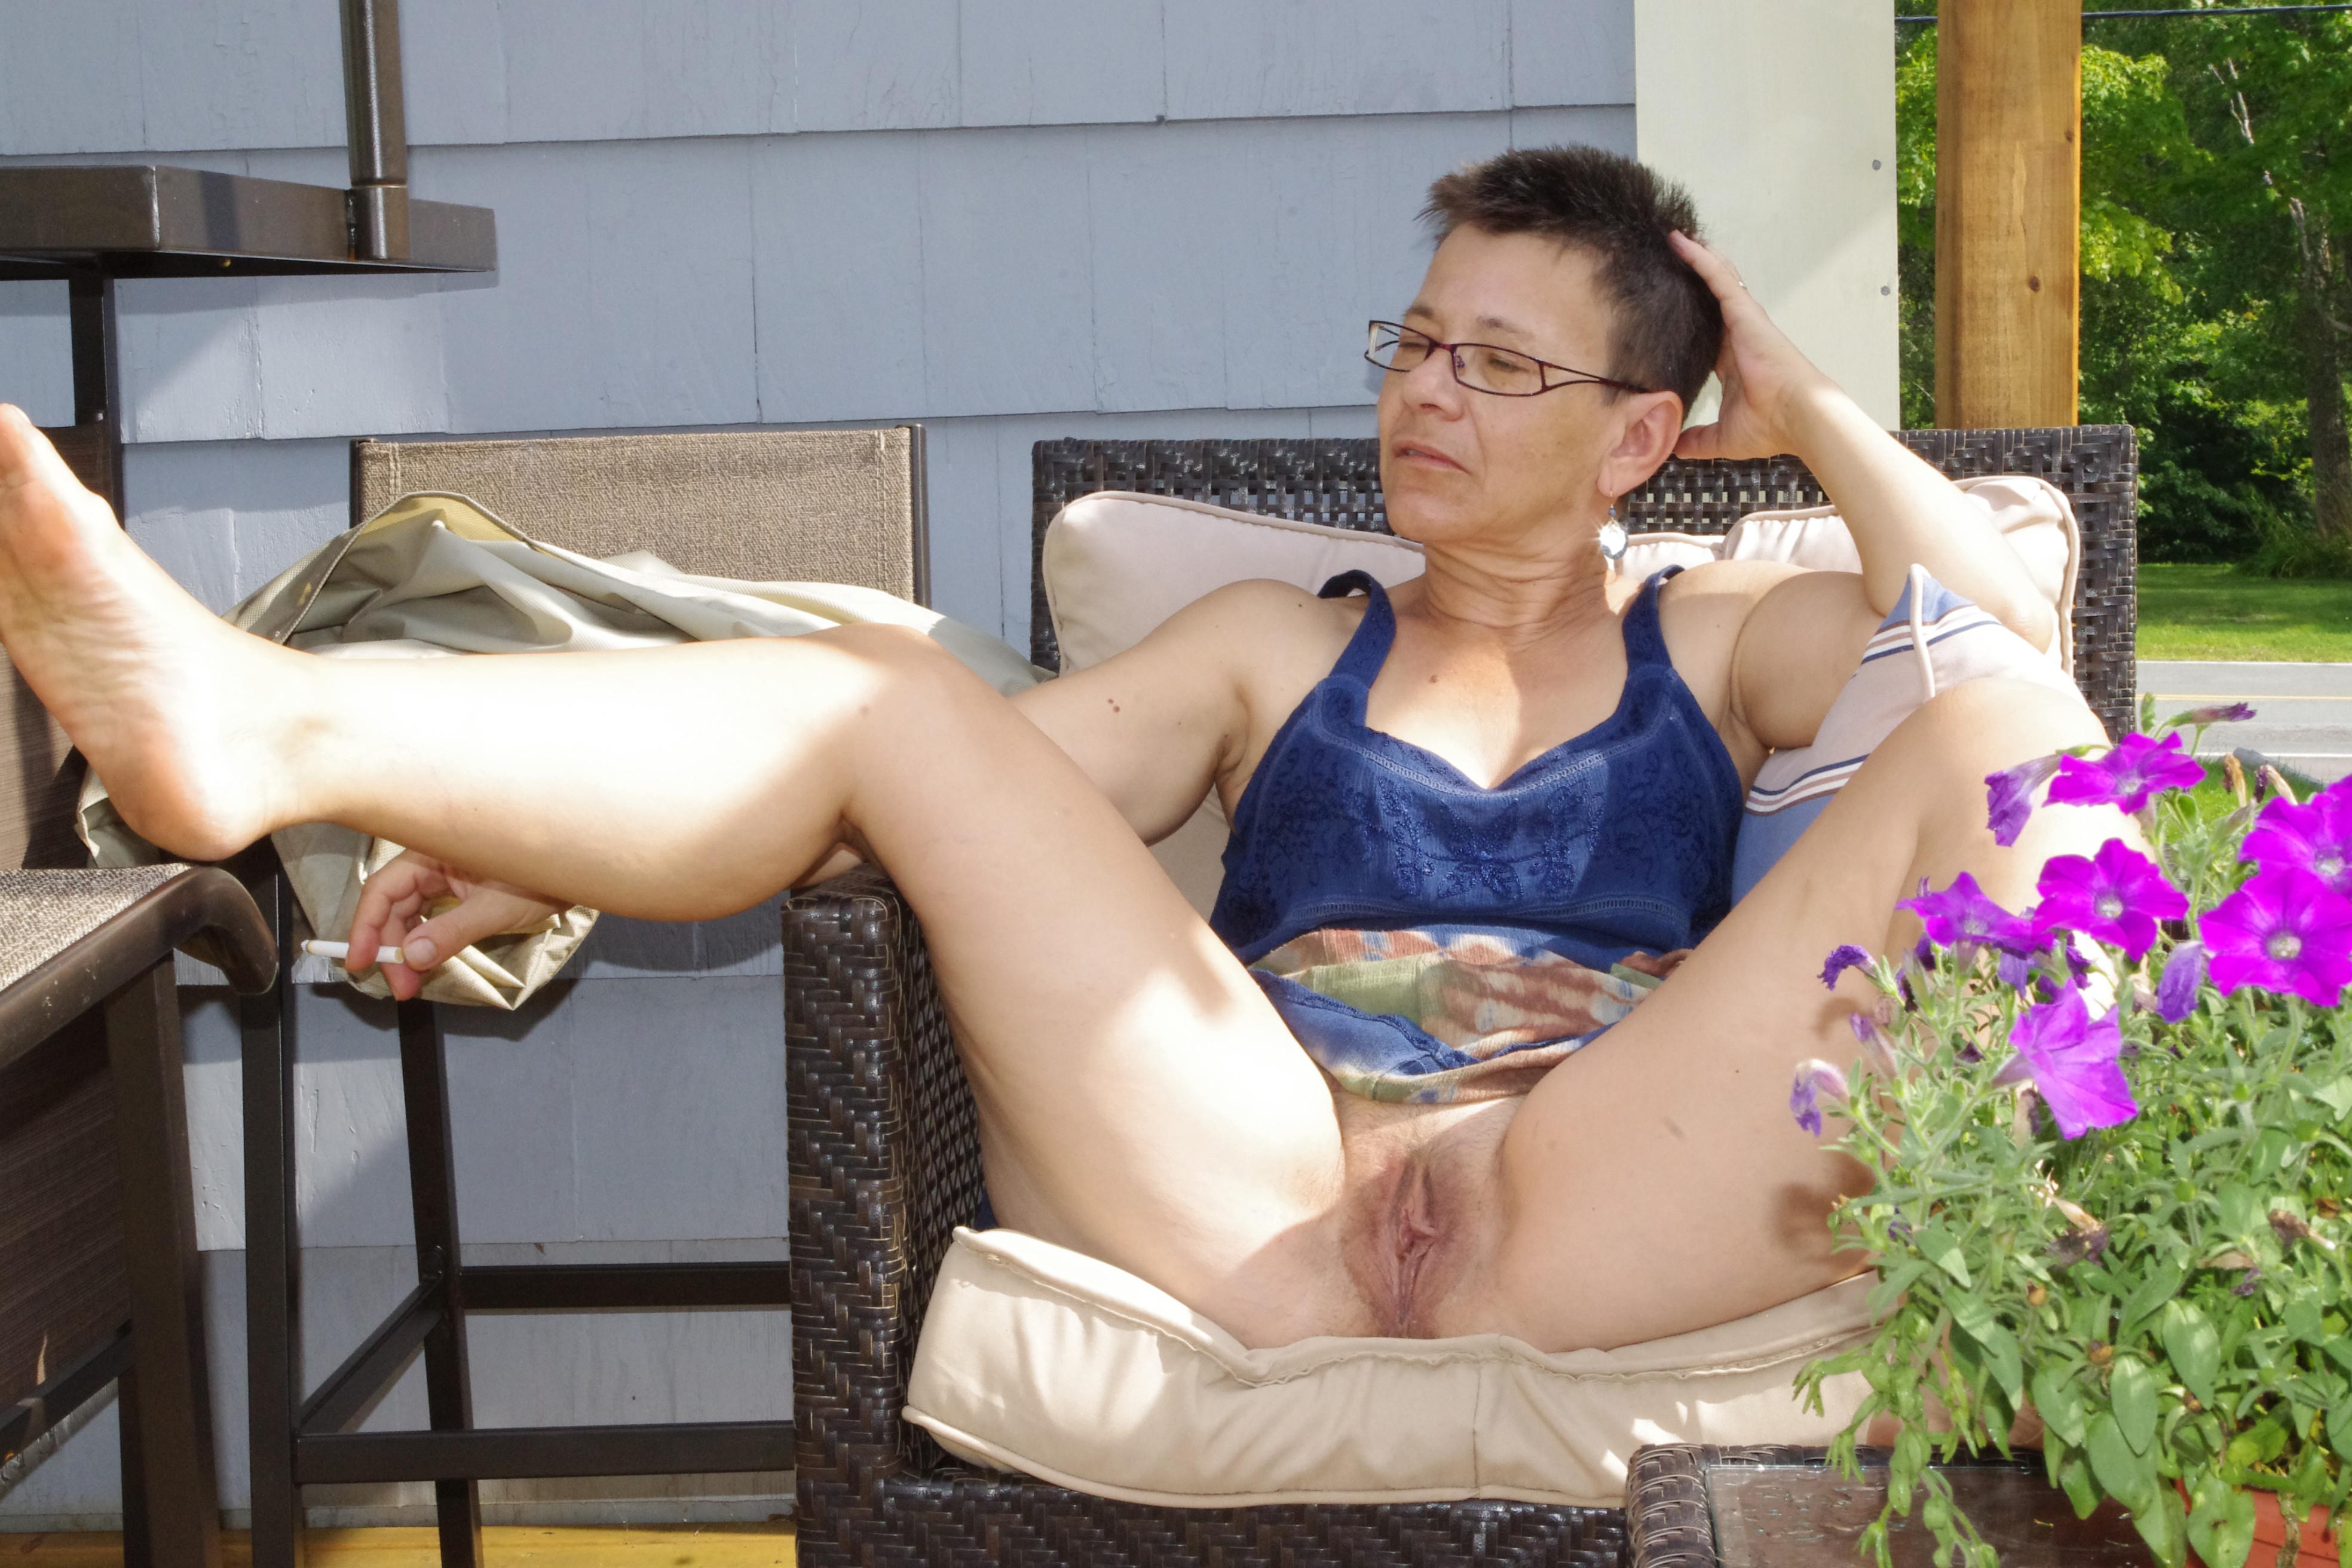 hårig mogen kvinna vill knulla kåta män gränna